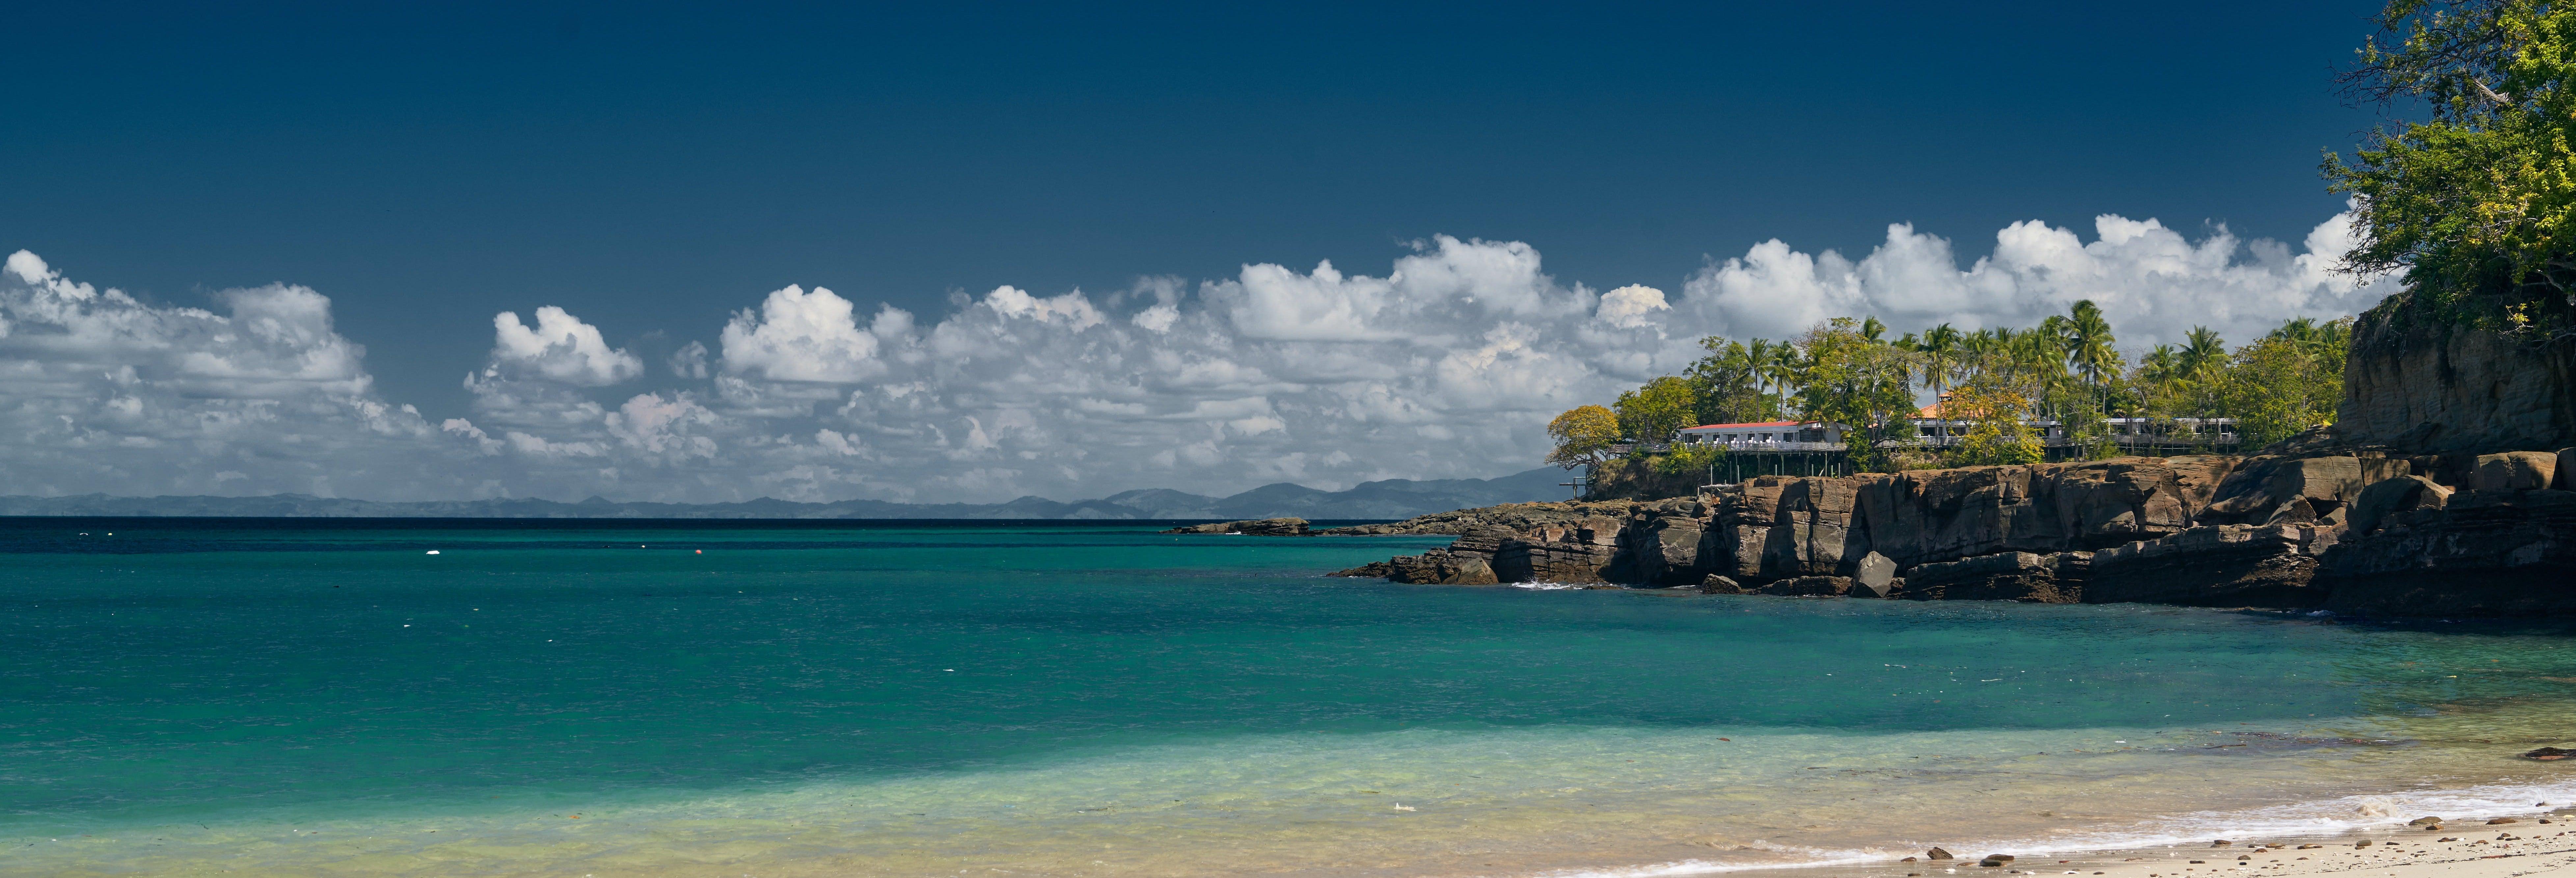 Excursão à praia Punta Chame + Curso de surfe